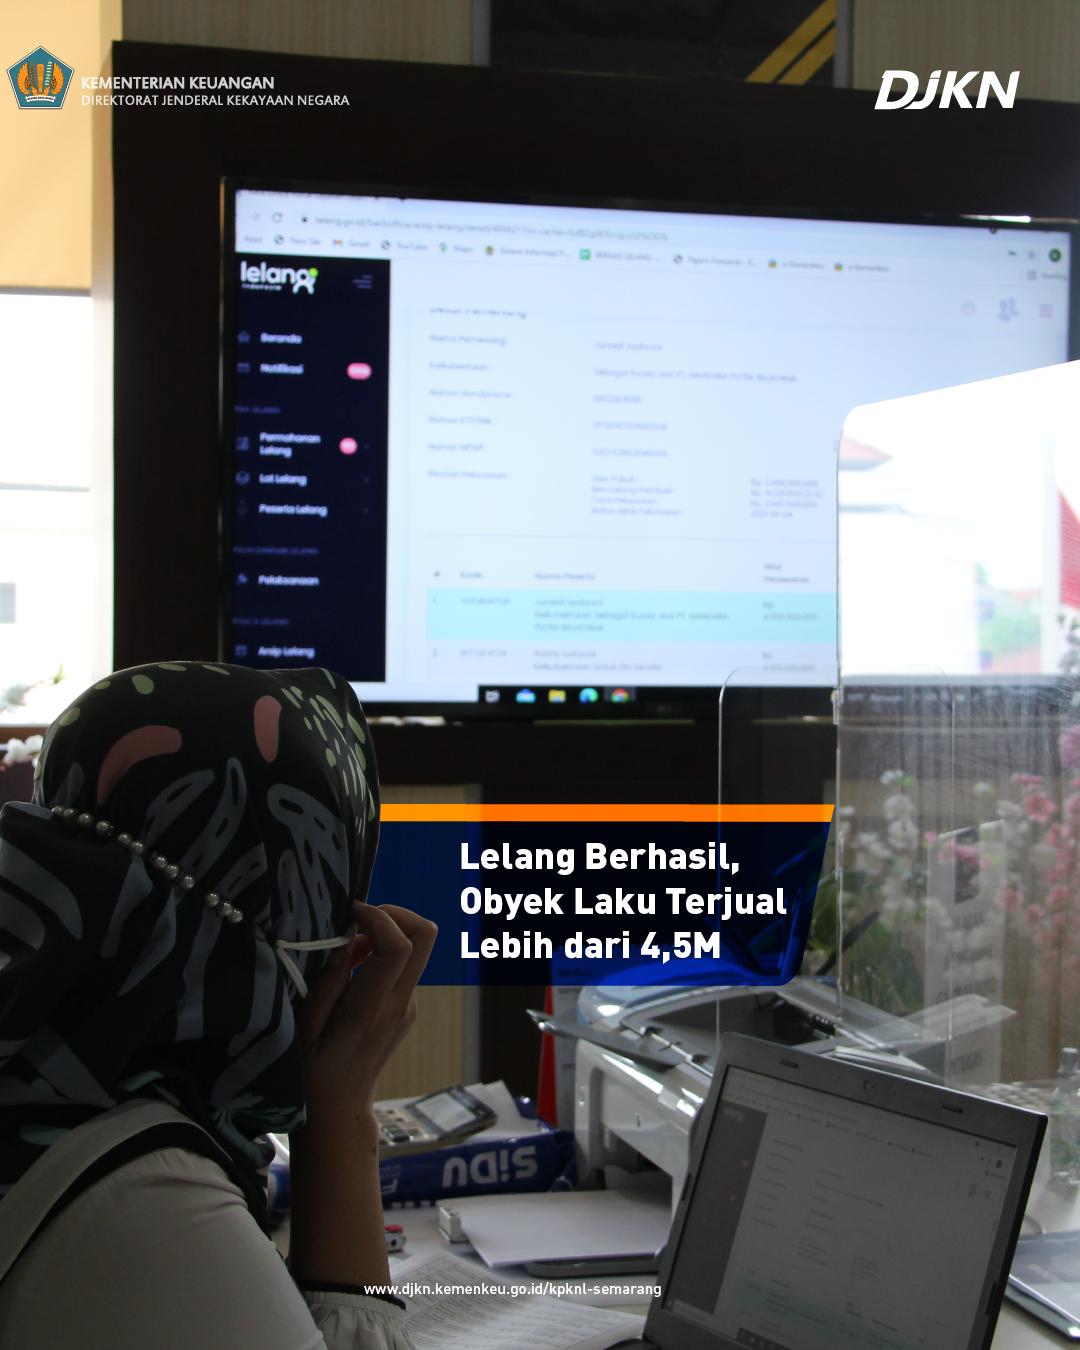 Laku Fantastis, KPKNL Semarang Berhasil Jual Lelang Dengan Nilai Lebih dari Rp4,5 Miliar